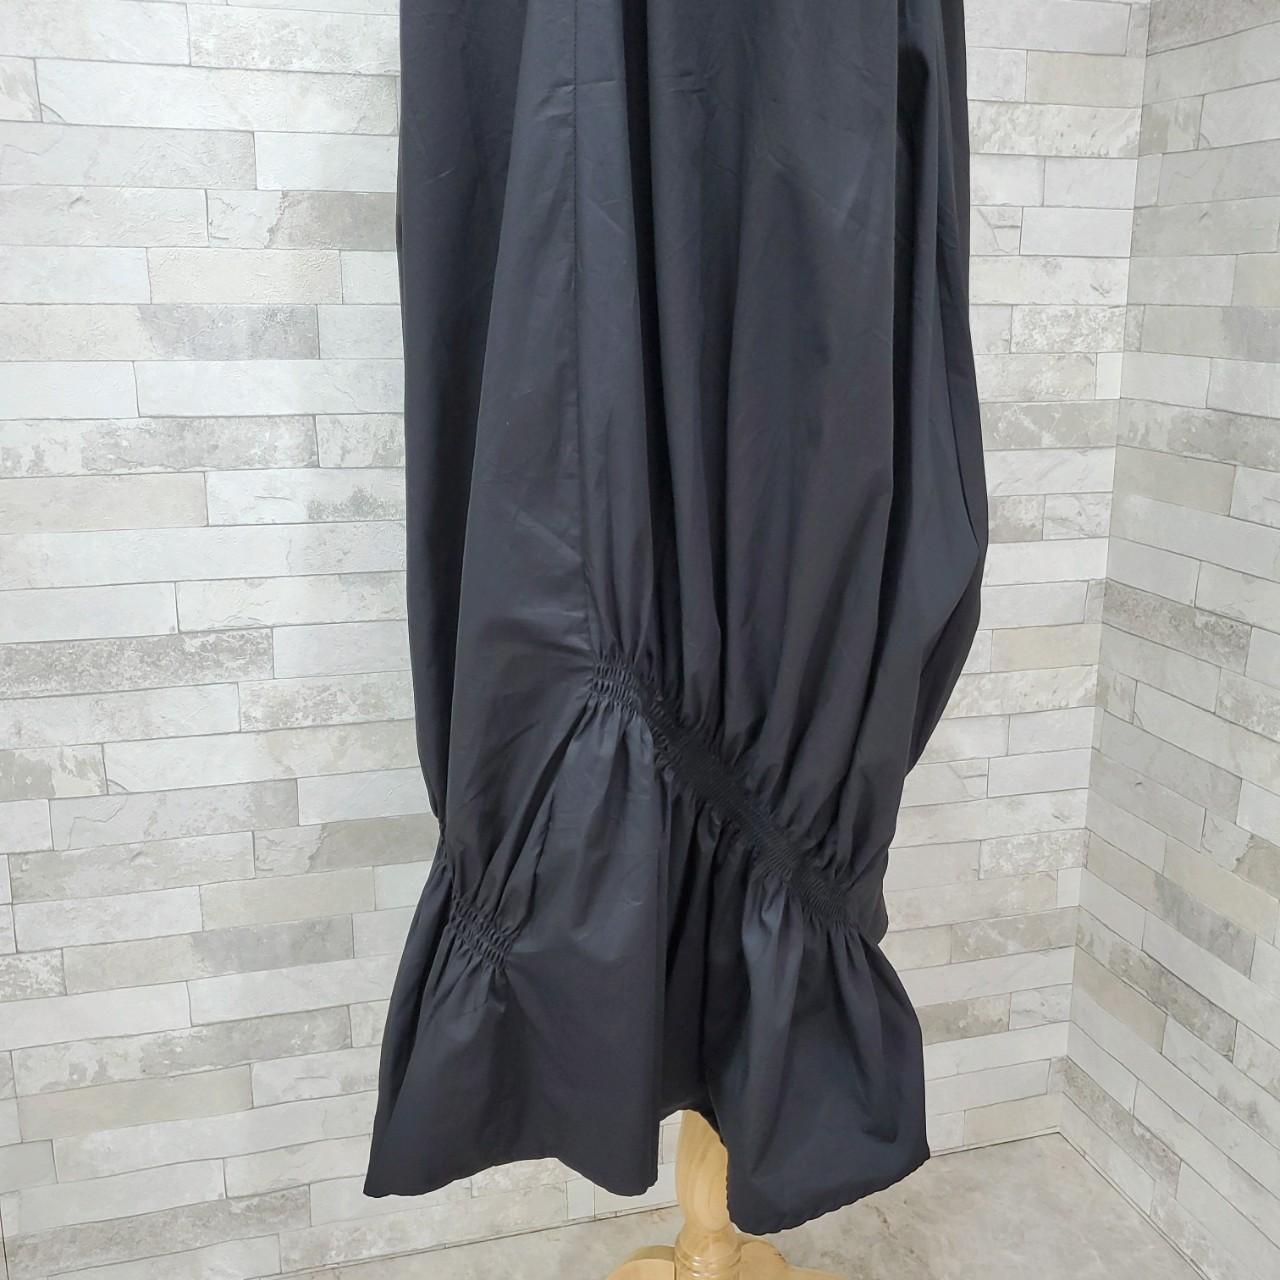 韓国 ファッション ワンピース 夏 春 カジュアル PTXI528  アシンメトリー マーメイド ギャザーディテール オルチャン シンプル 定番 セレカジの写真19枚目